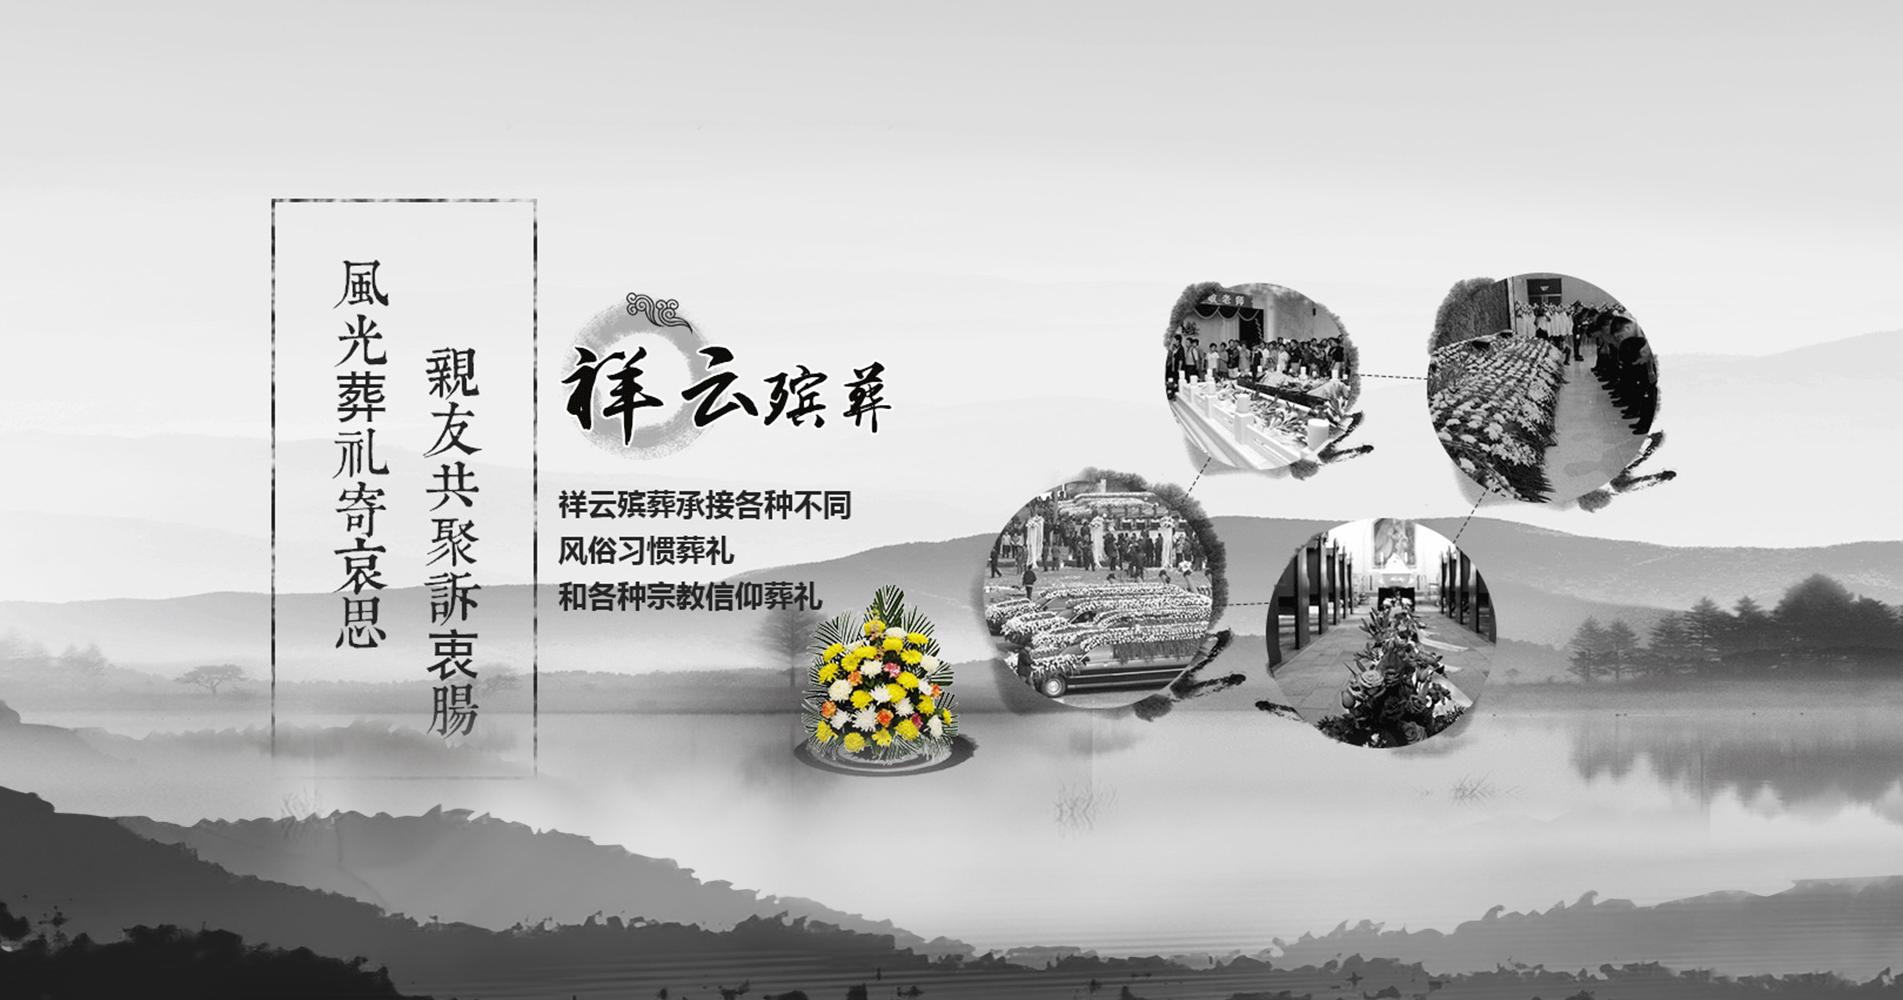 上海祥云必威体育娱乐app官网必威国际平台手机版有限公司